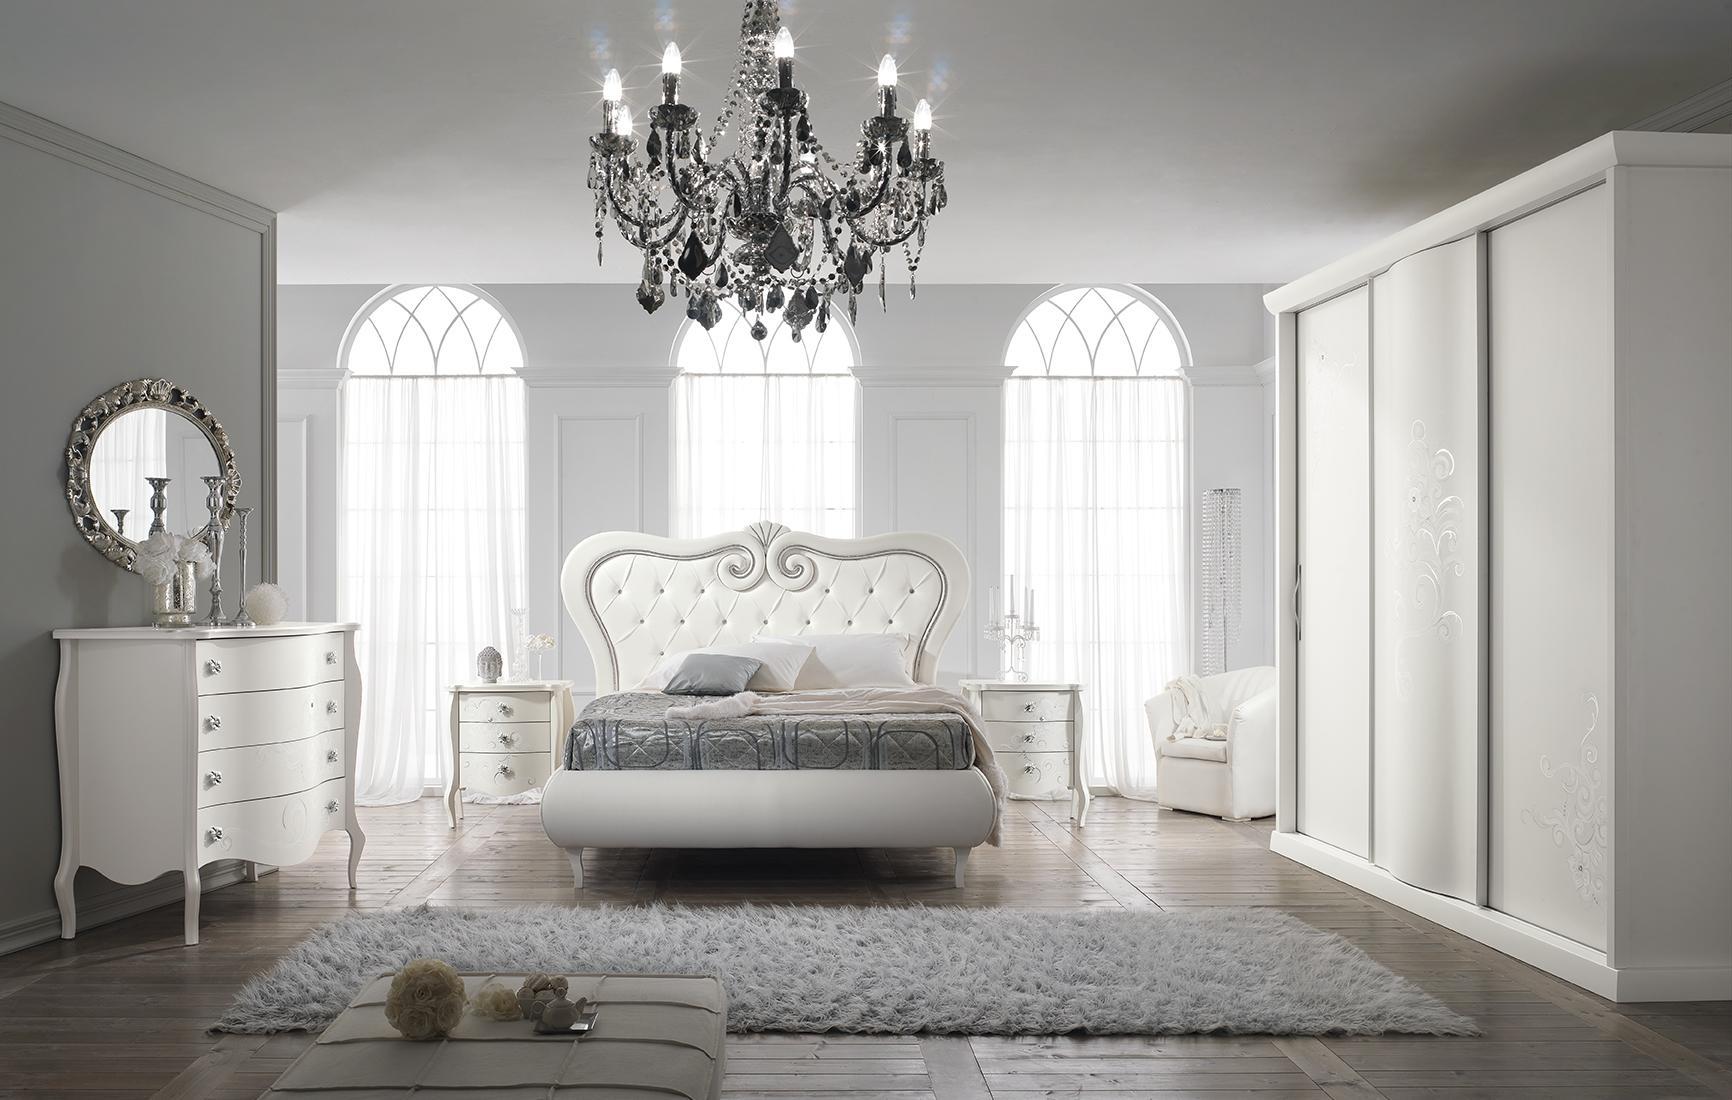 Arredamento Classico Stile E Fascino Del Passato Cose Di Casa